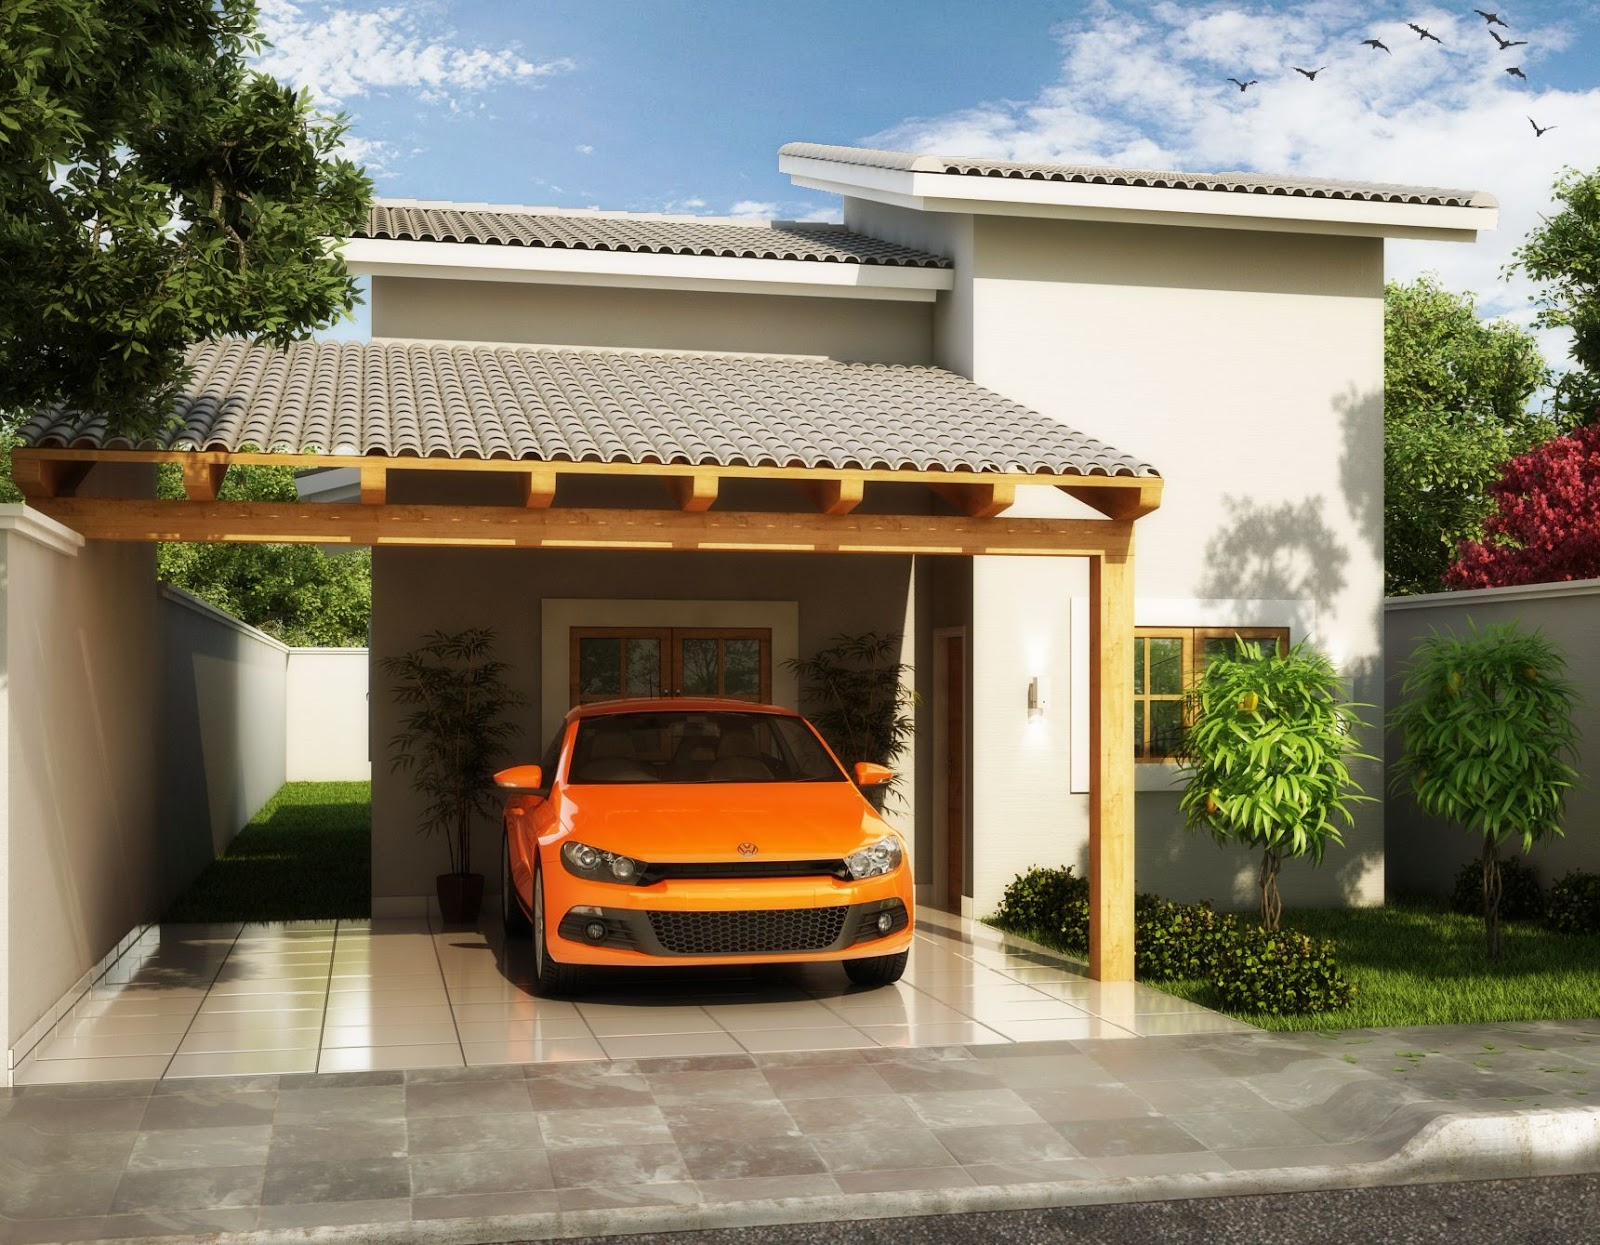 #B55F16 Só Projetos Grátis: Projeto grátis de uma casa com 76 M² 1600x1245 px Projetos De Casas Com Cozinha Nos Fundos #187 imagens